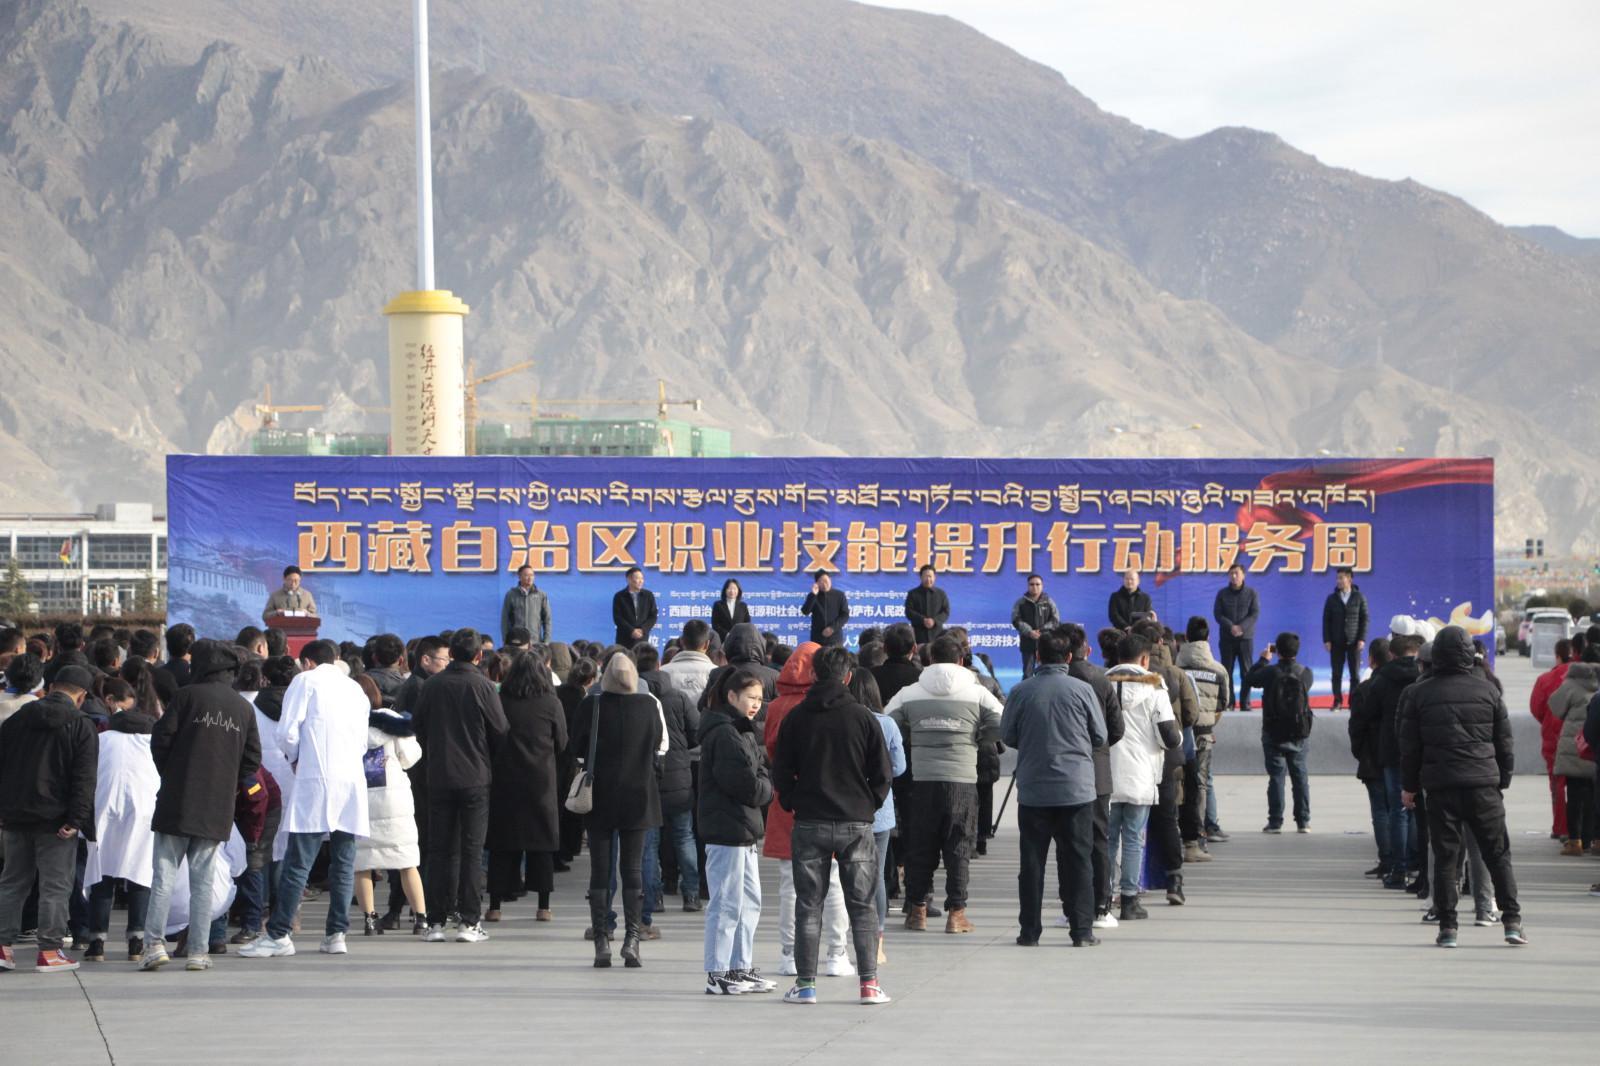 西藏启动职业技能提升行动服务周活动 全面提升就业者技能